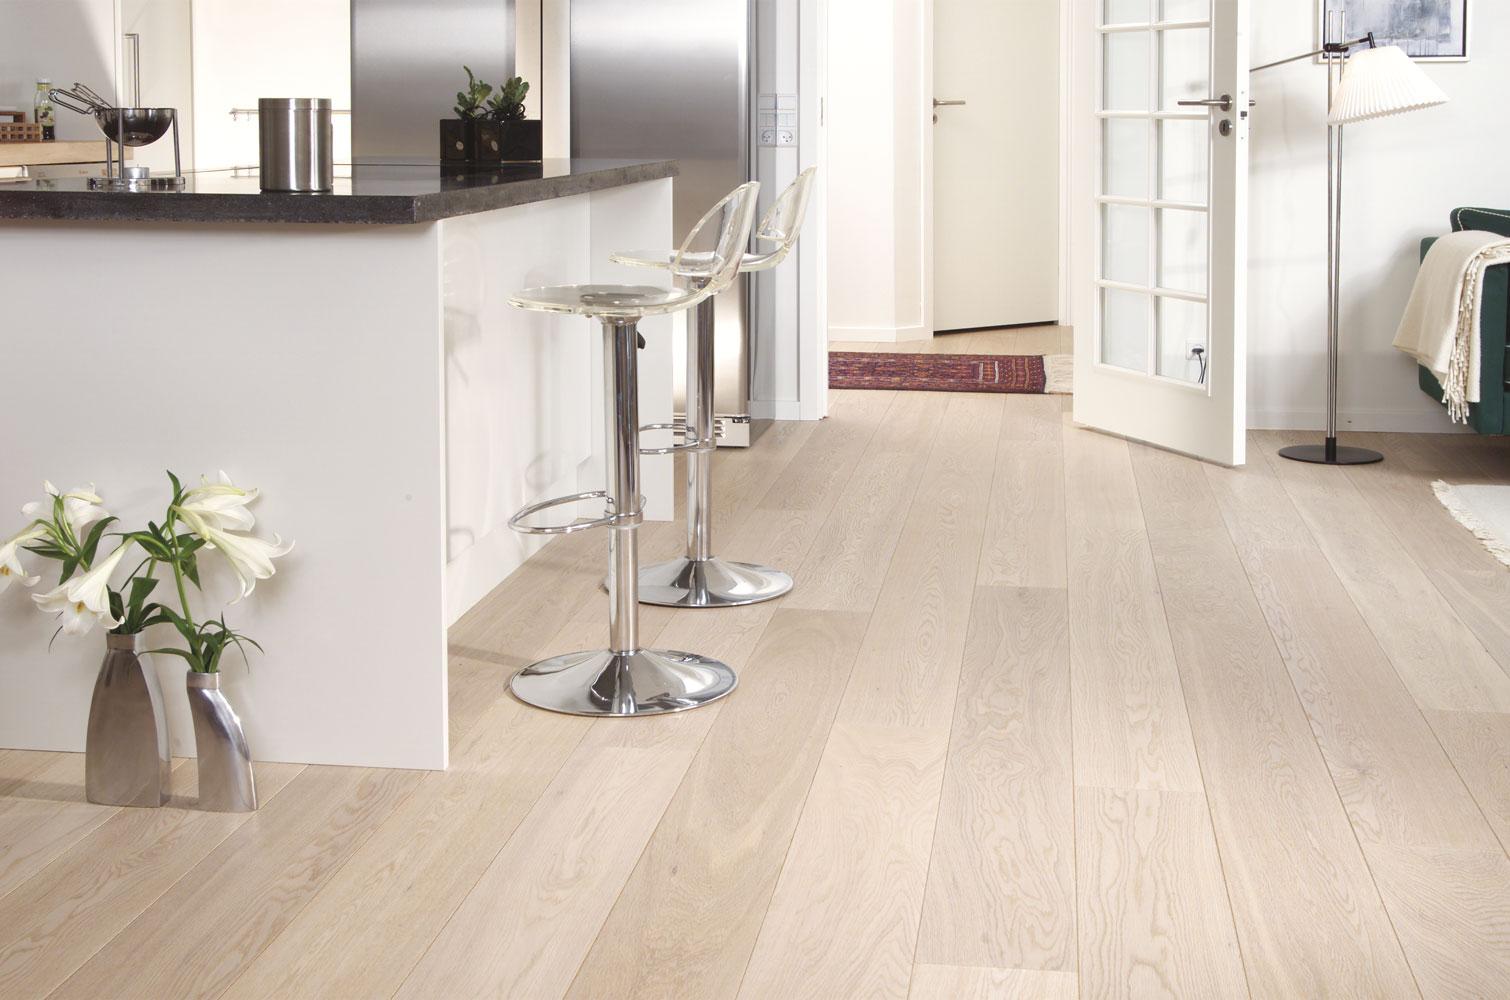 Houten vloer behandeld met WOCA oil #wittevloer #houtenvloer #interieur